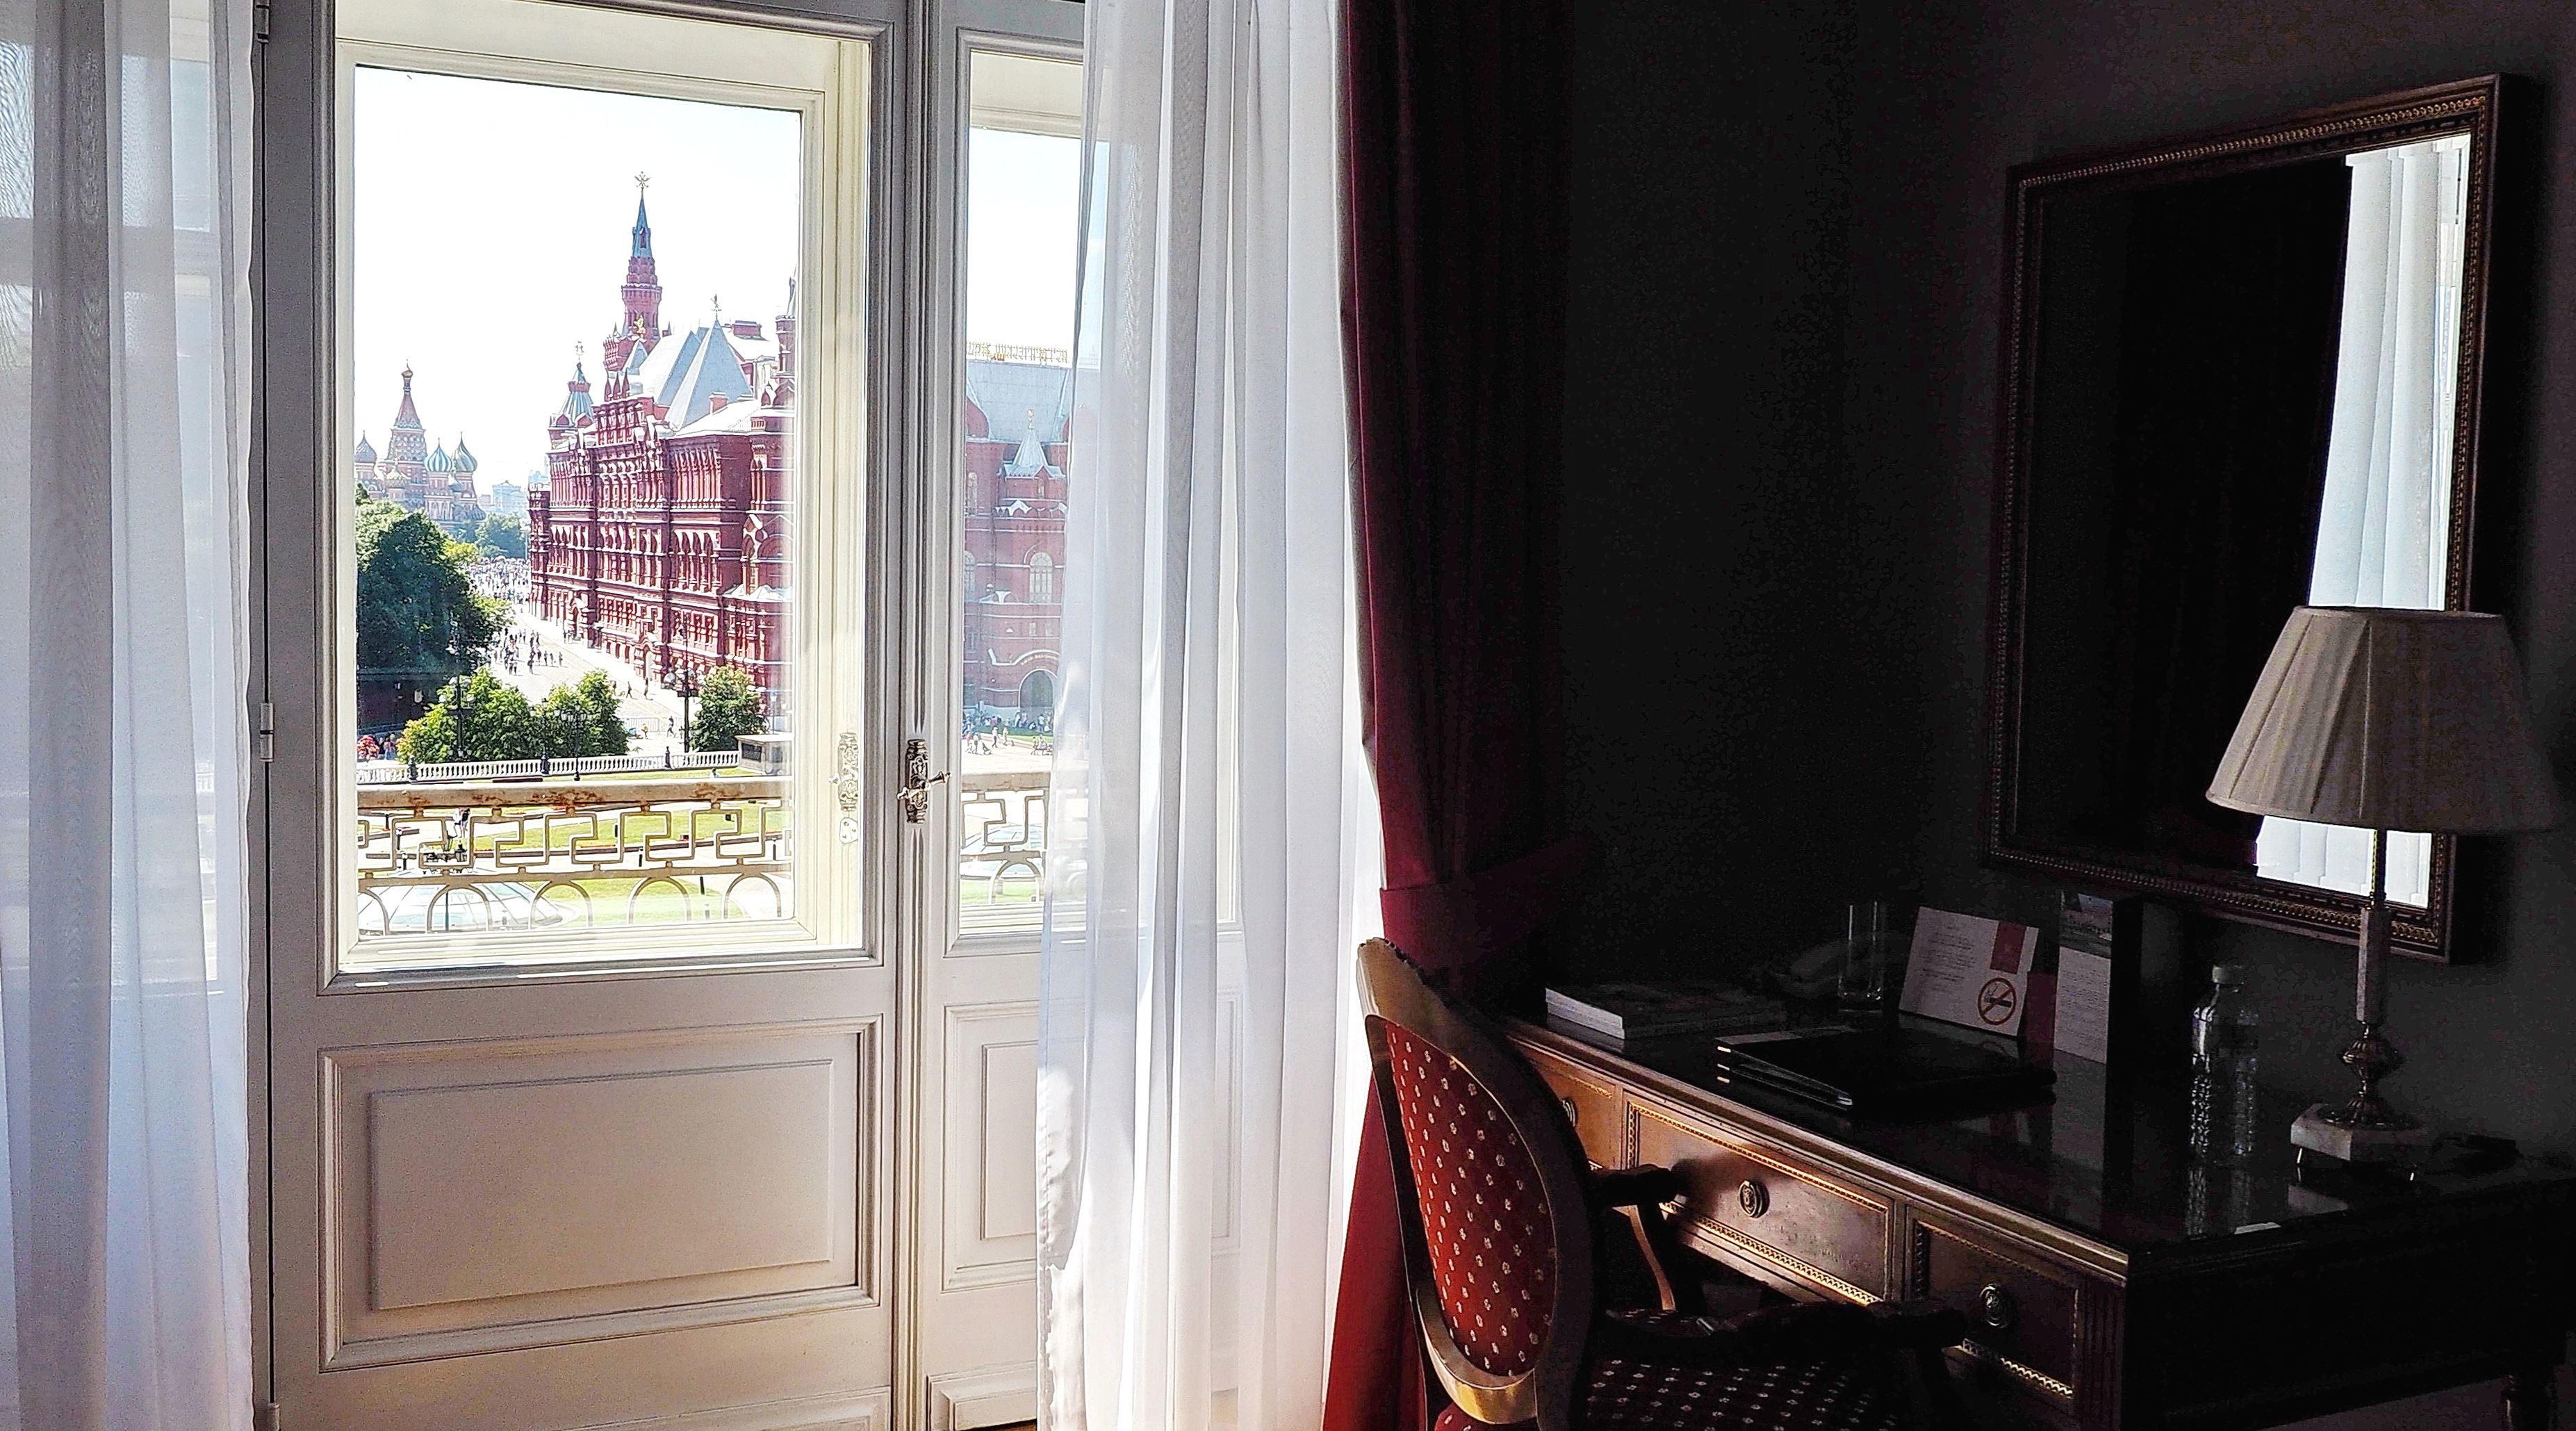 Kostenlose bild m bel hotel zimmer tisch balkon for Zimmer tisch